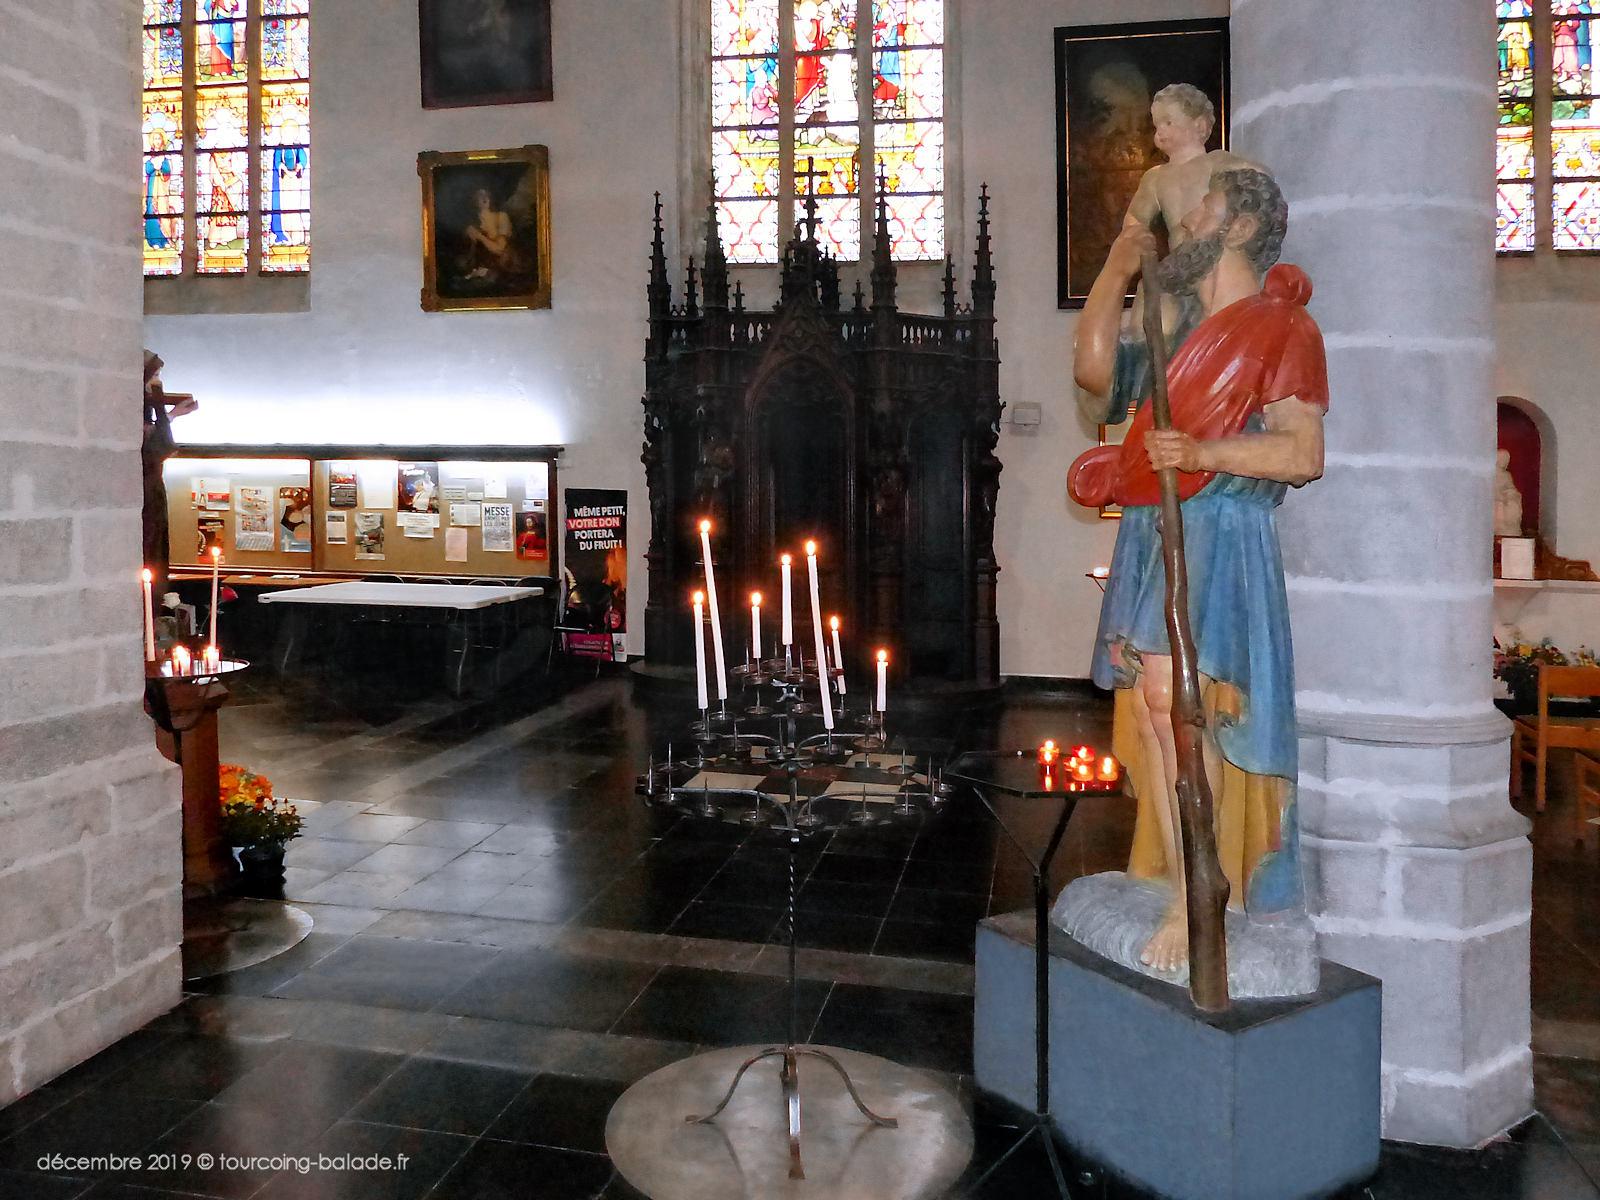 Statue de Saint Christophe, Tourcoing 2019